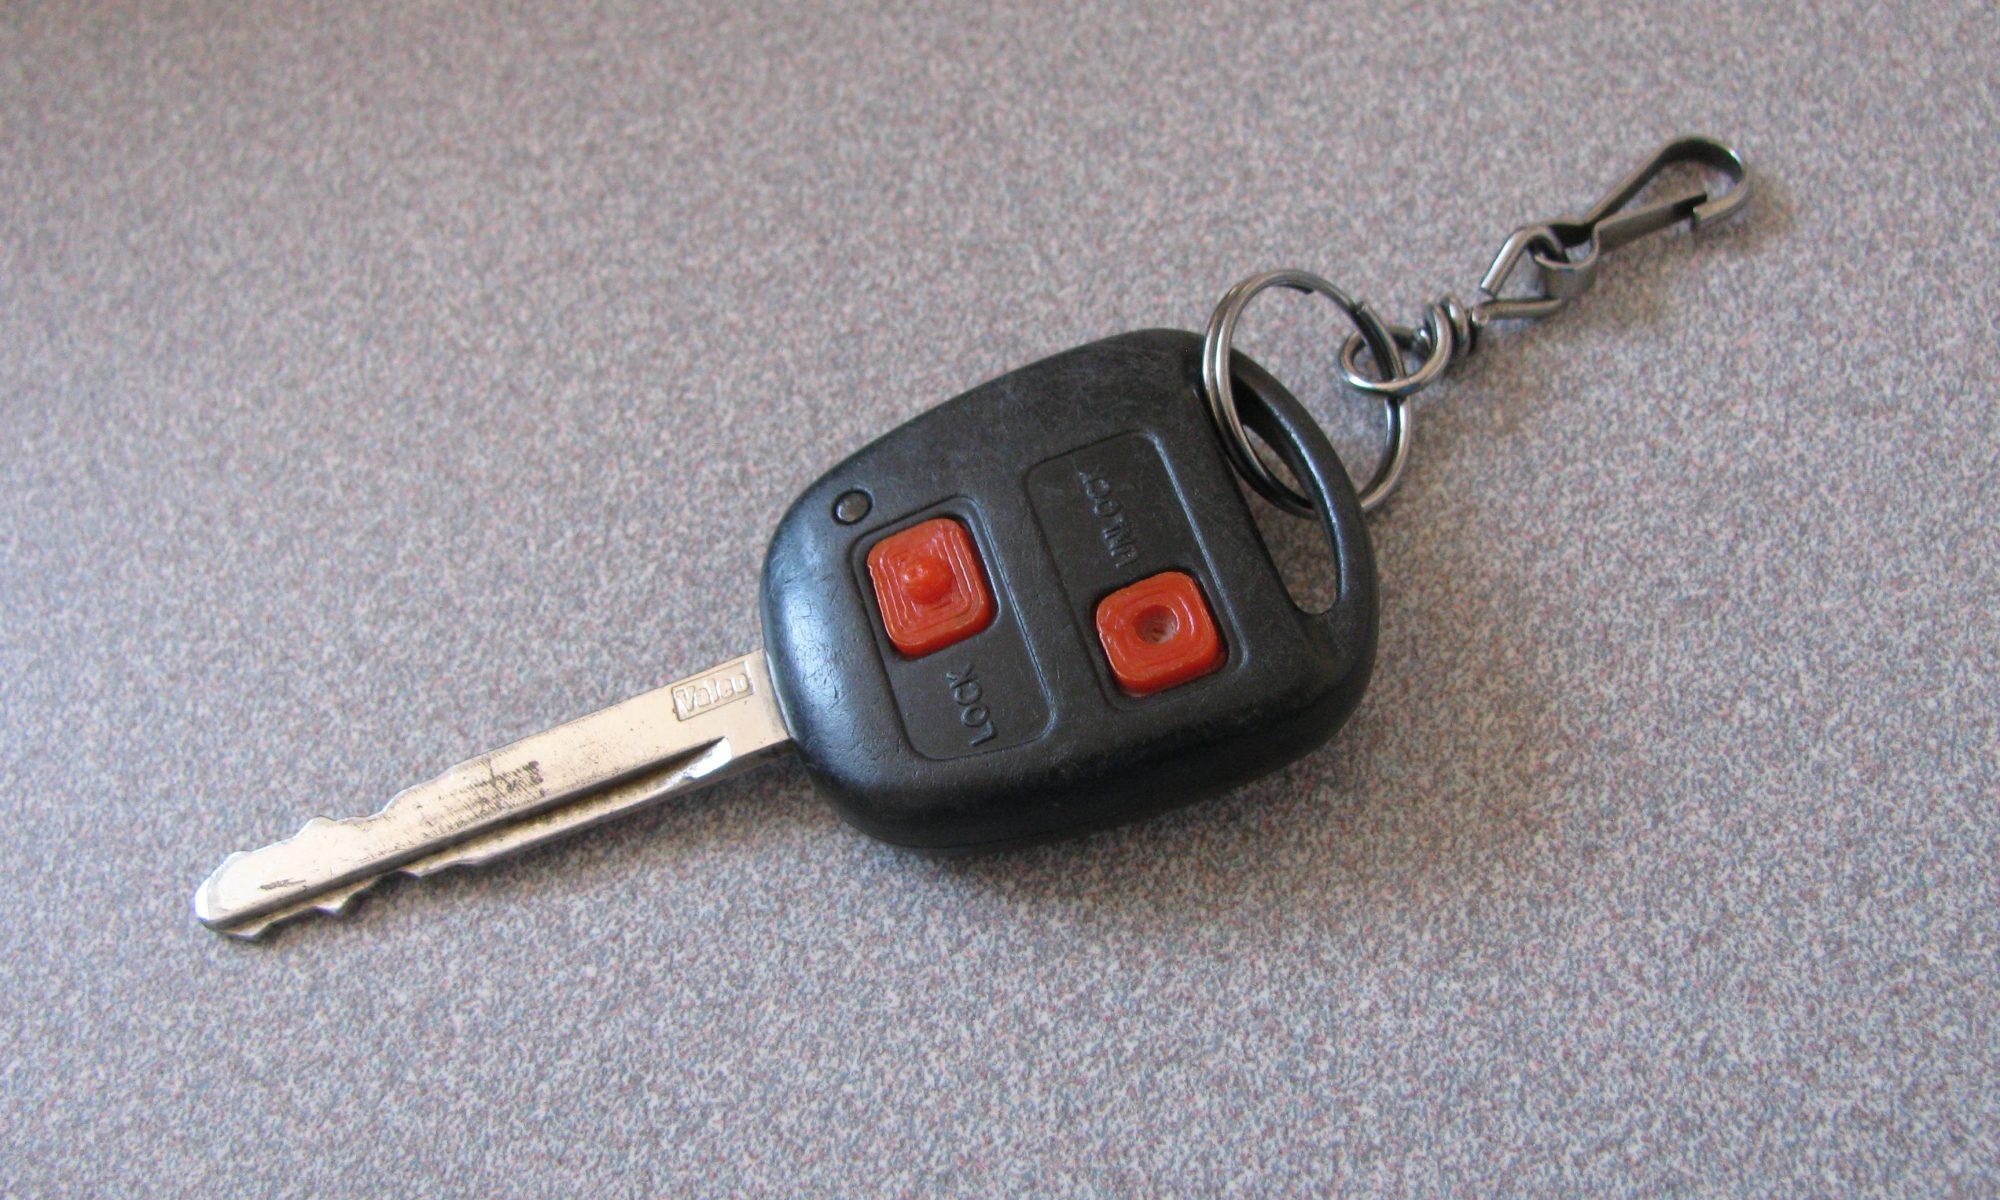 Boutons de clef - en place